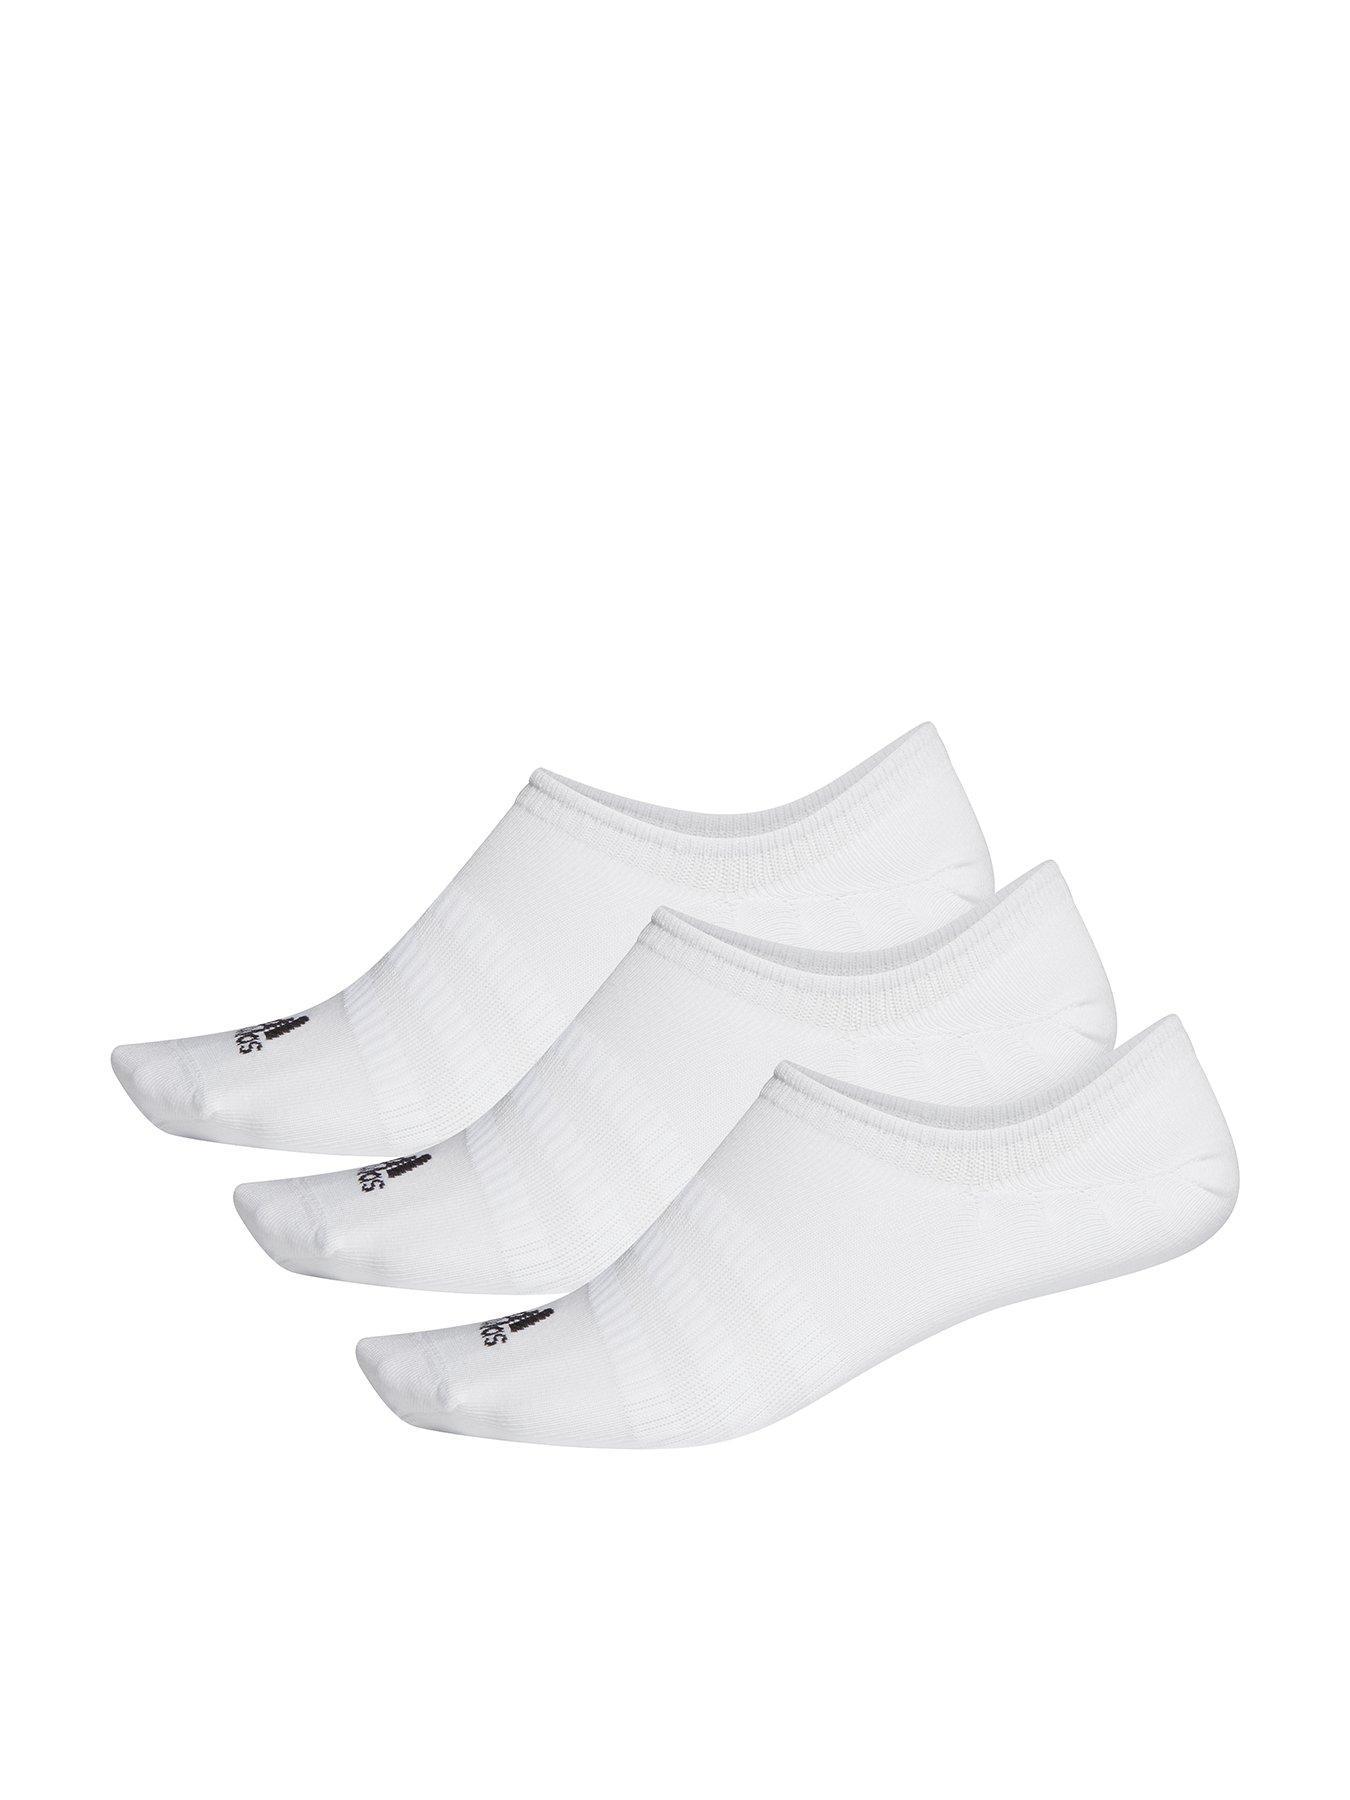 New Men/'s Women/'s Plain Trainer Socks Trainer Boot Ankle Footwear Black /& White